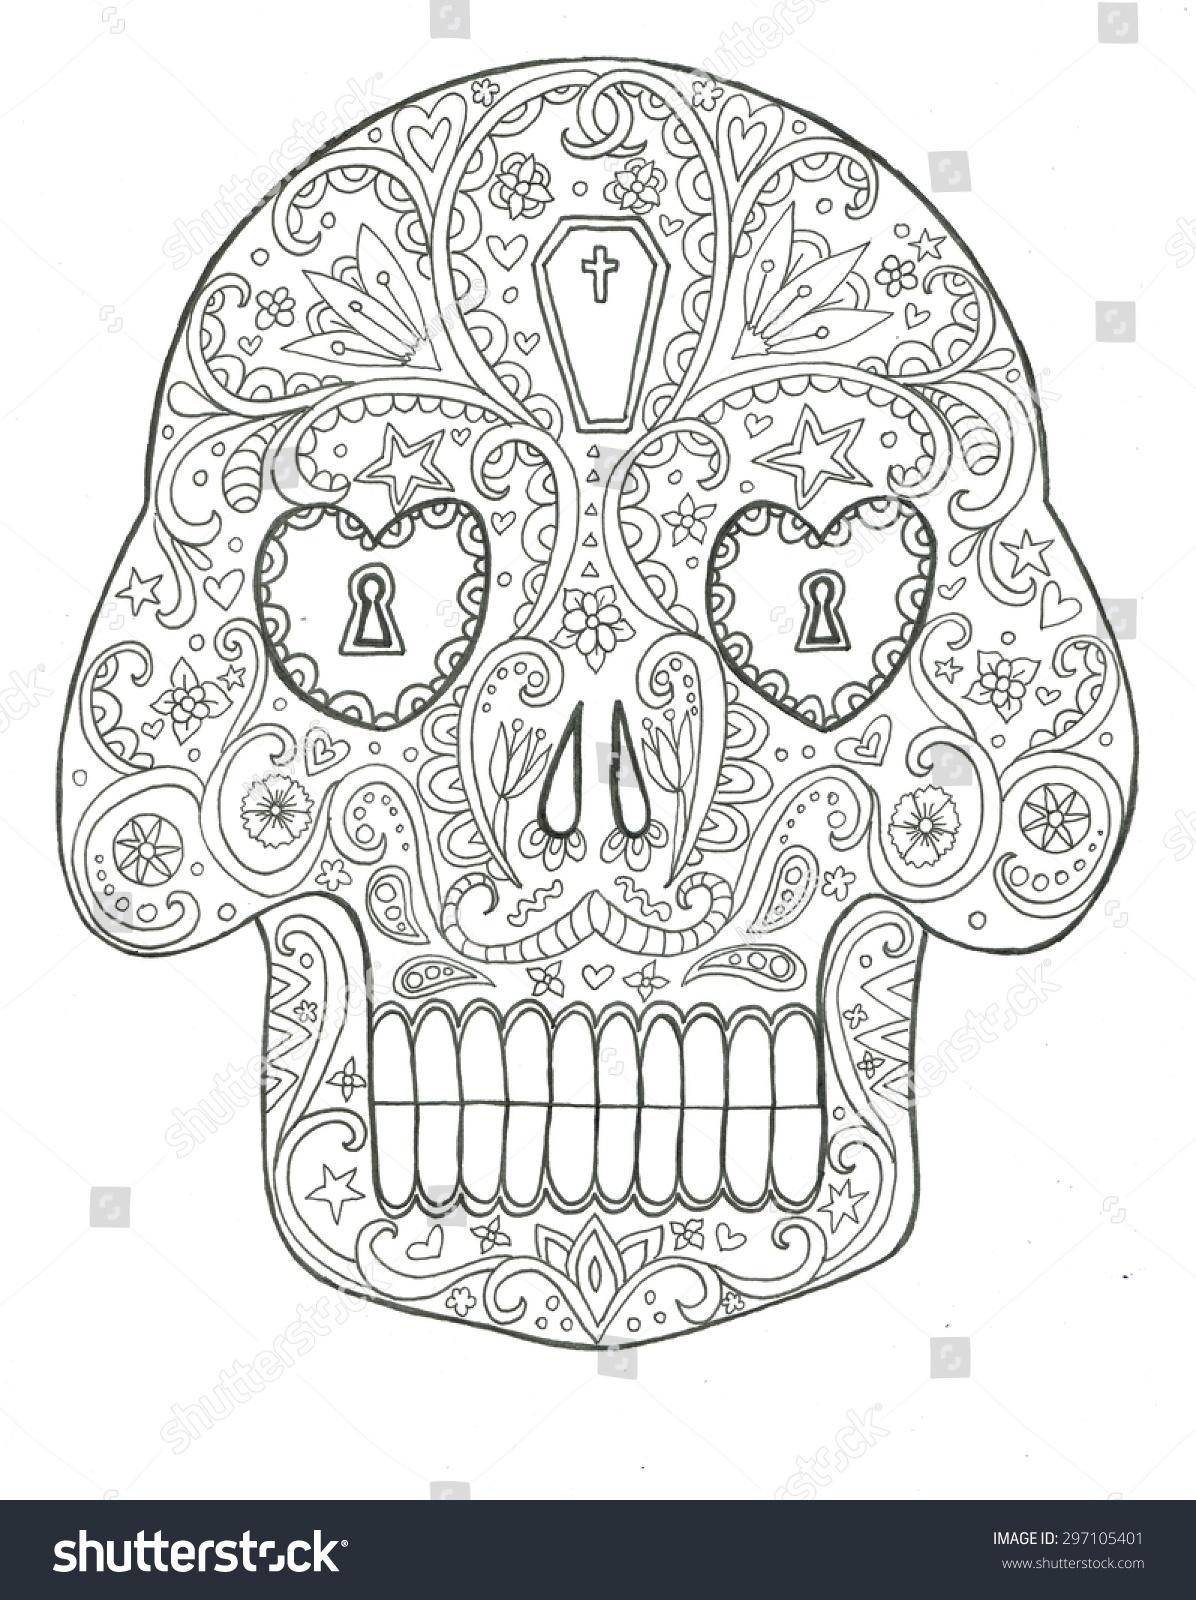 sugar skull day dead halloween line stock illustration 297105401